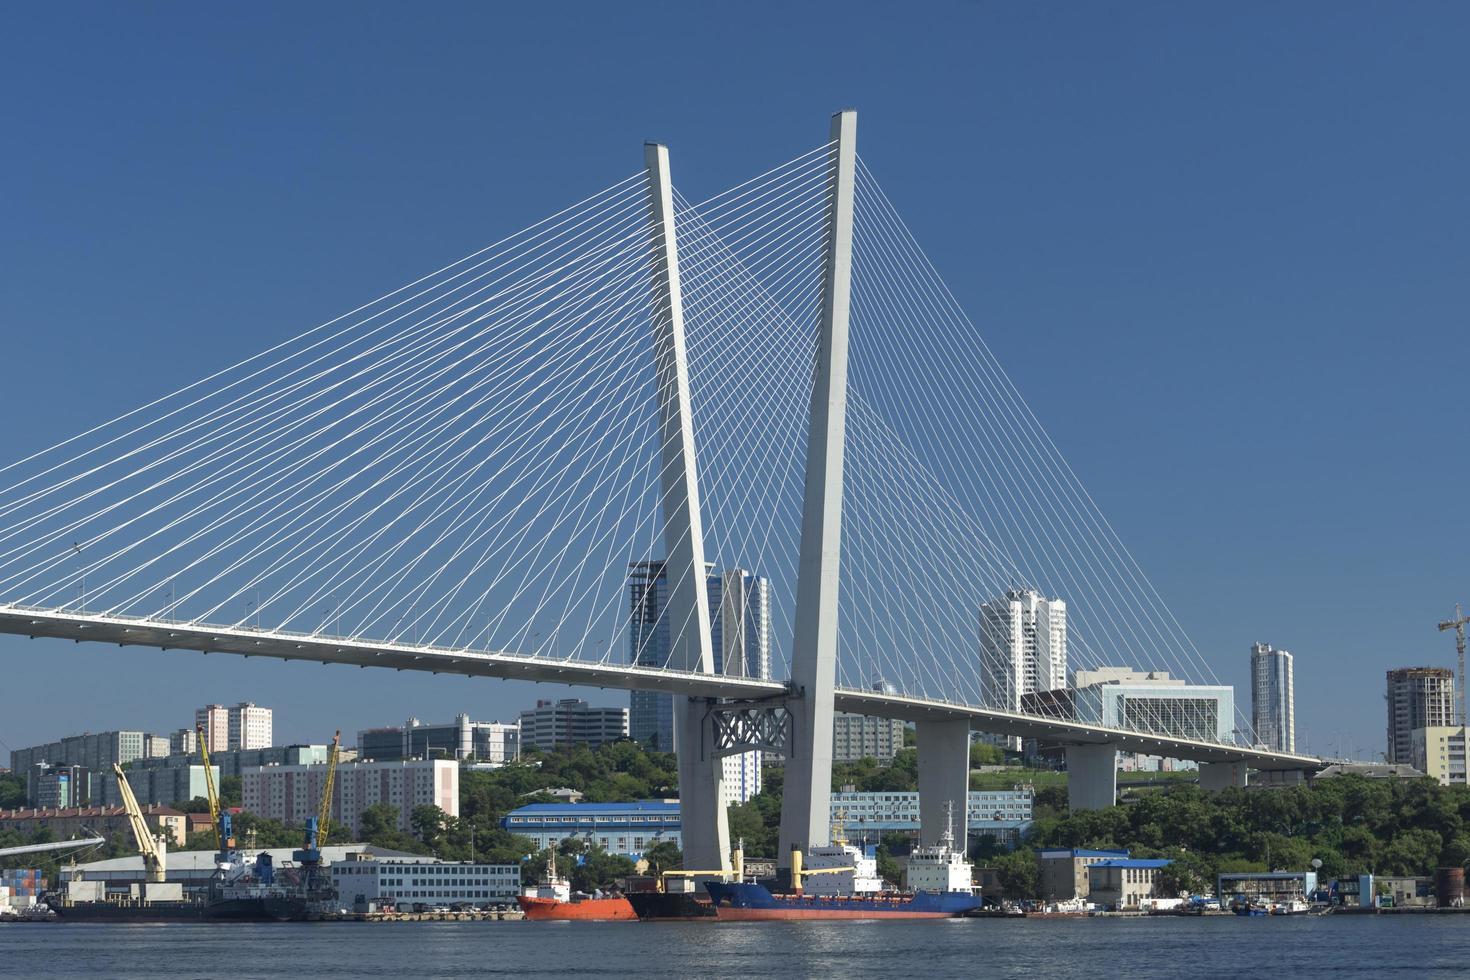 Paisaje urbano con puente zolotoy en vladivostok, rusia foto